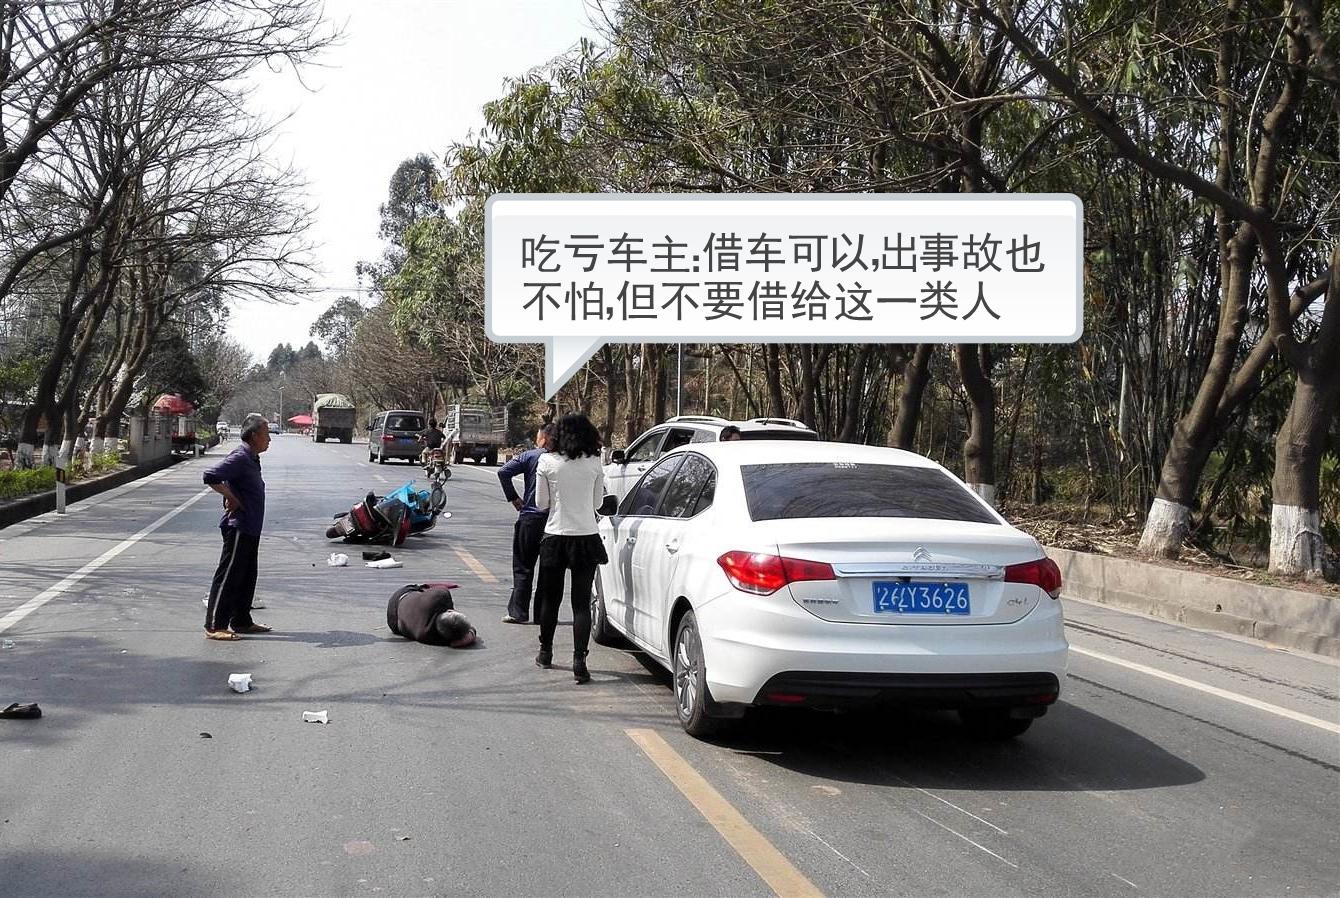 吃亏车主:借车可以,出事故也不怕,但不要借给这一类人